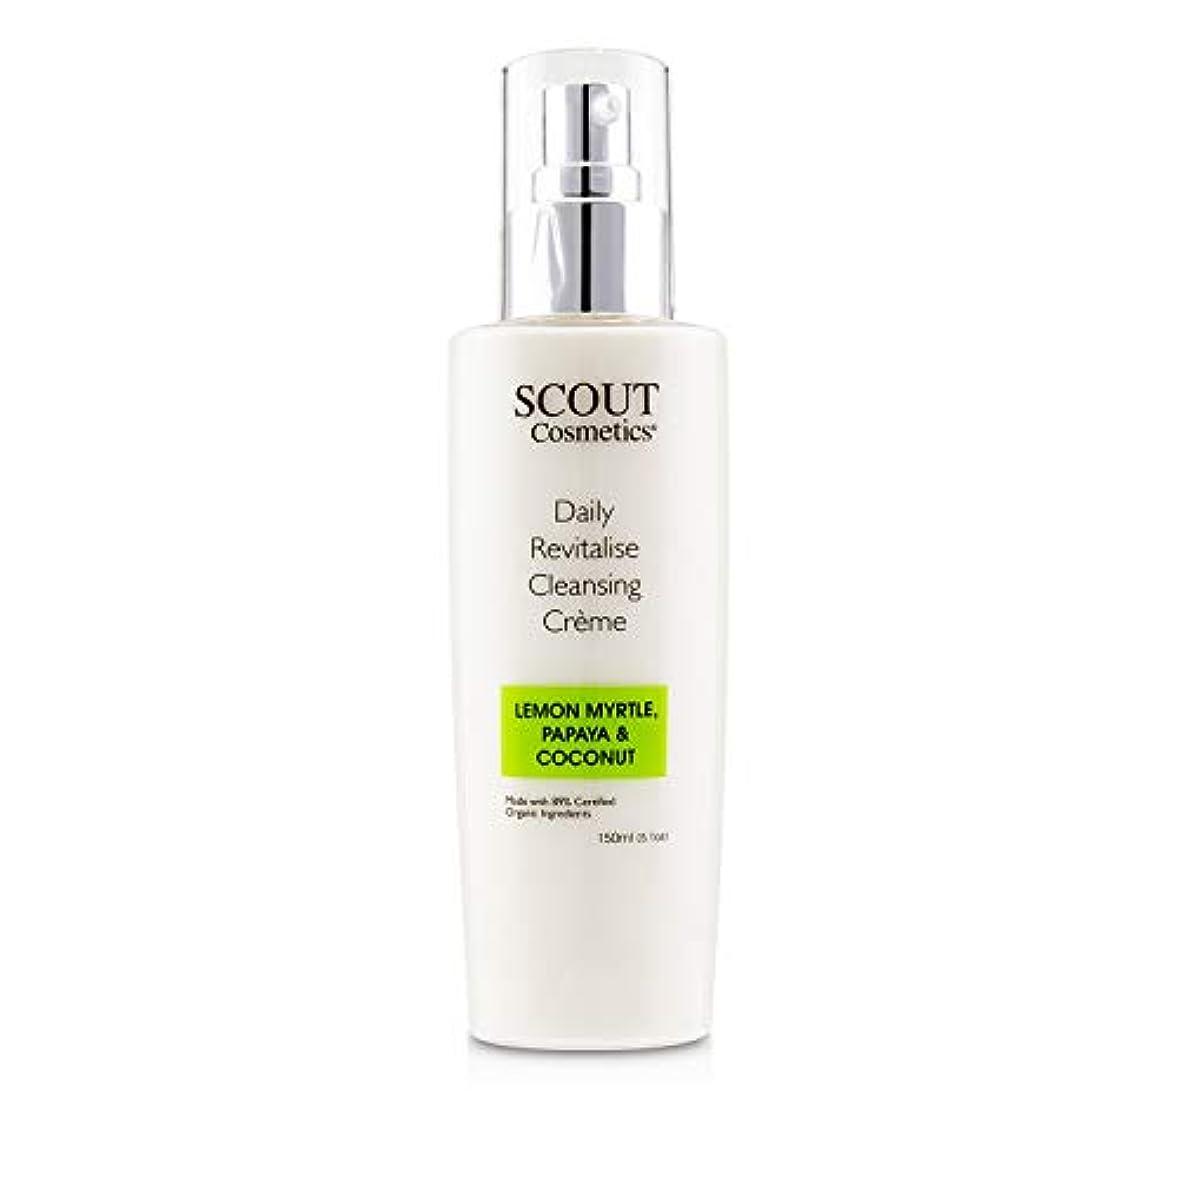 ヒット小切手急降下SCOUT Cosmetics Daily Revitalise Cleansing Creme with Lemon Myrtle, Papaya & Coconut 150ml/5.1oz並行輸入品